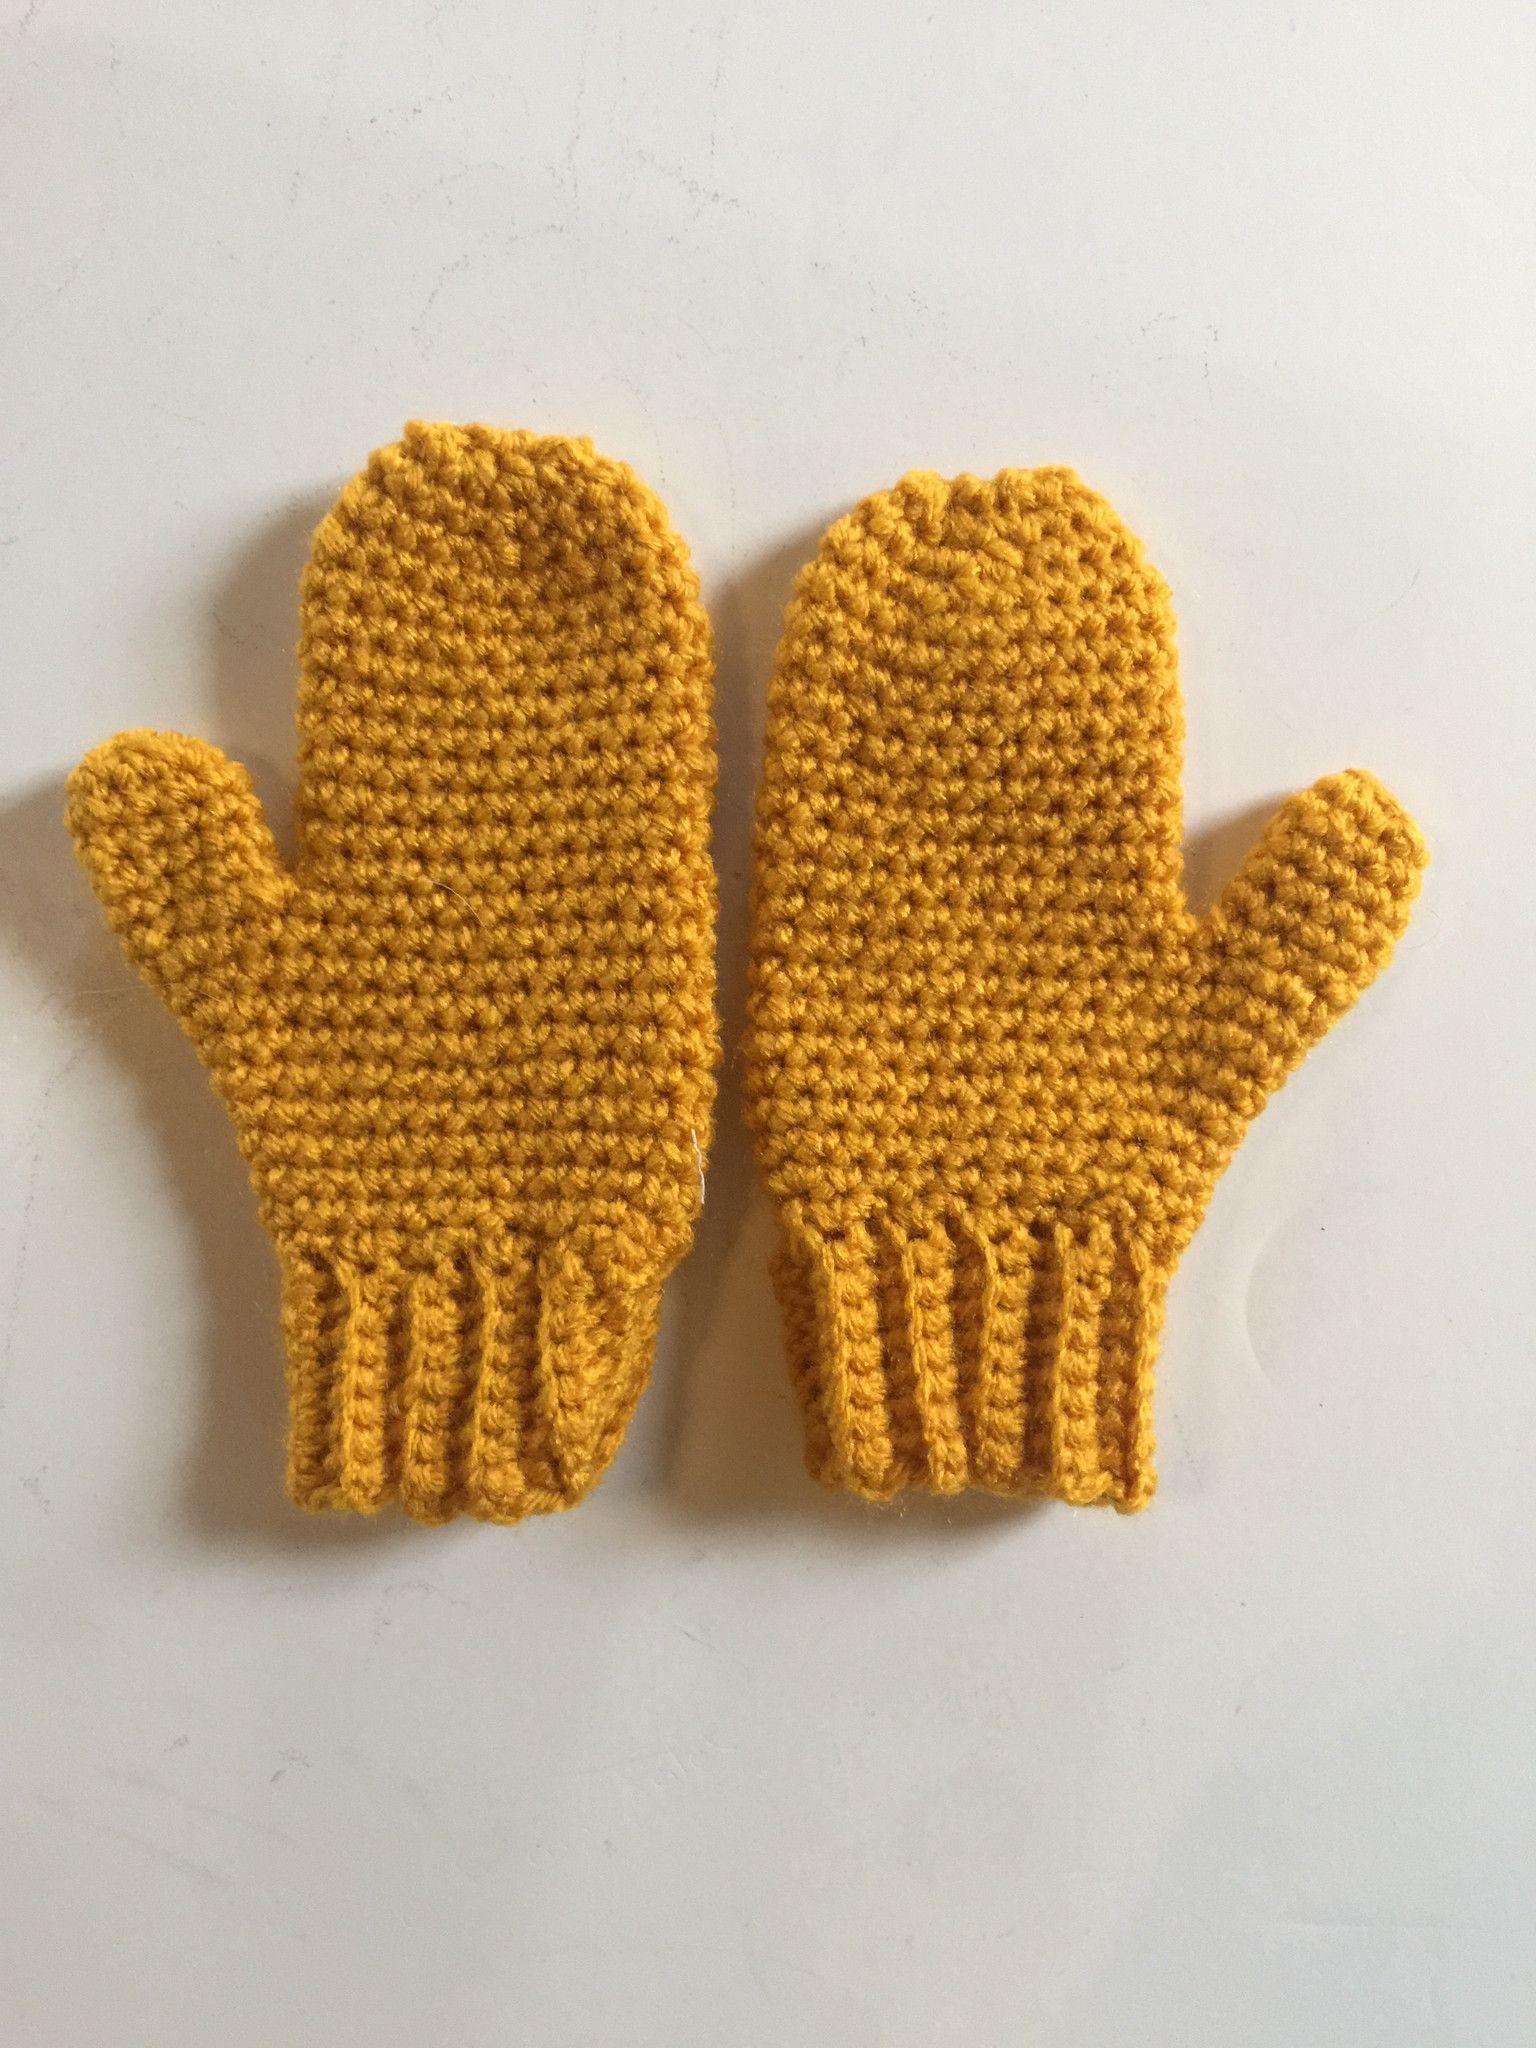 75c3f7320a33 Handmade Crochet Mittens Crochet Mittens